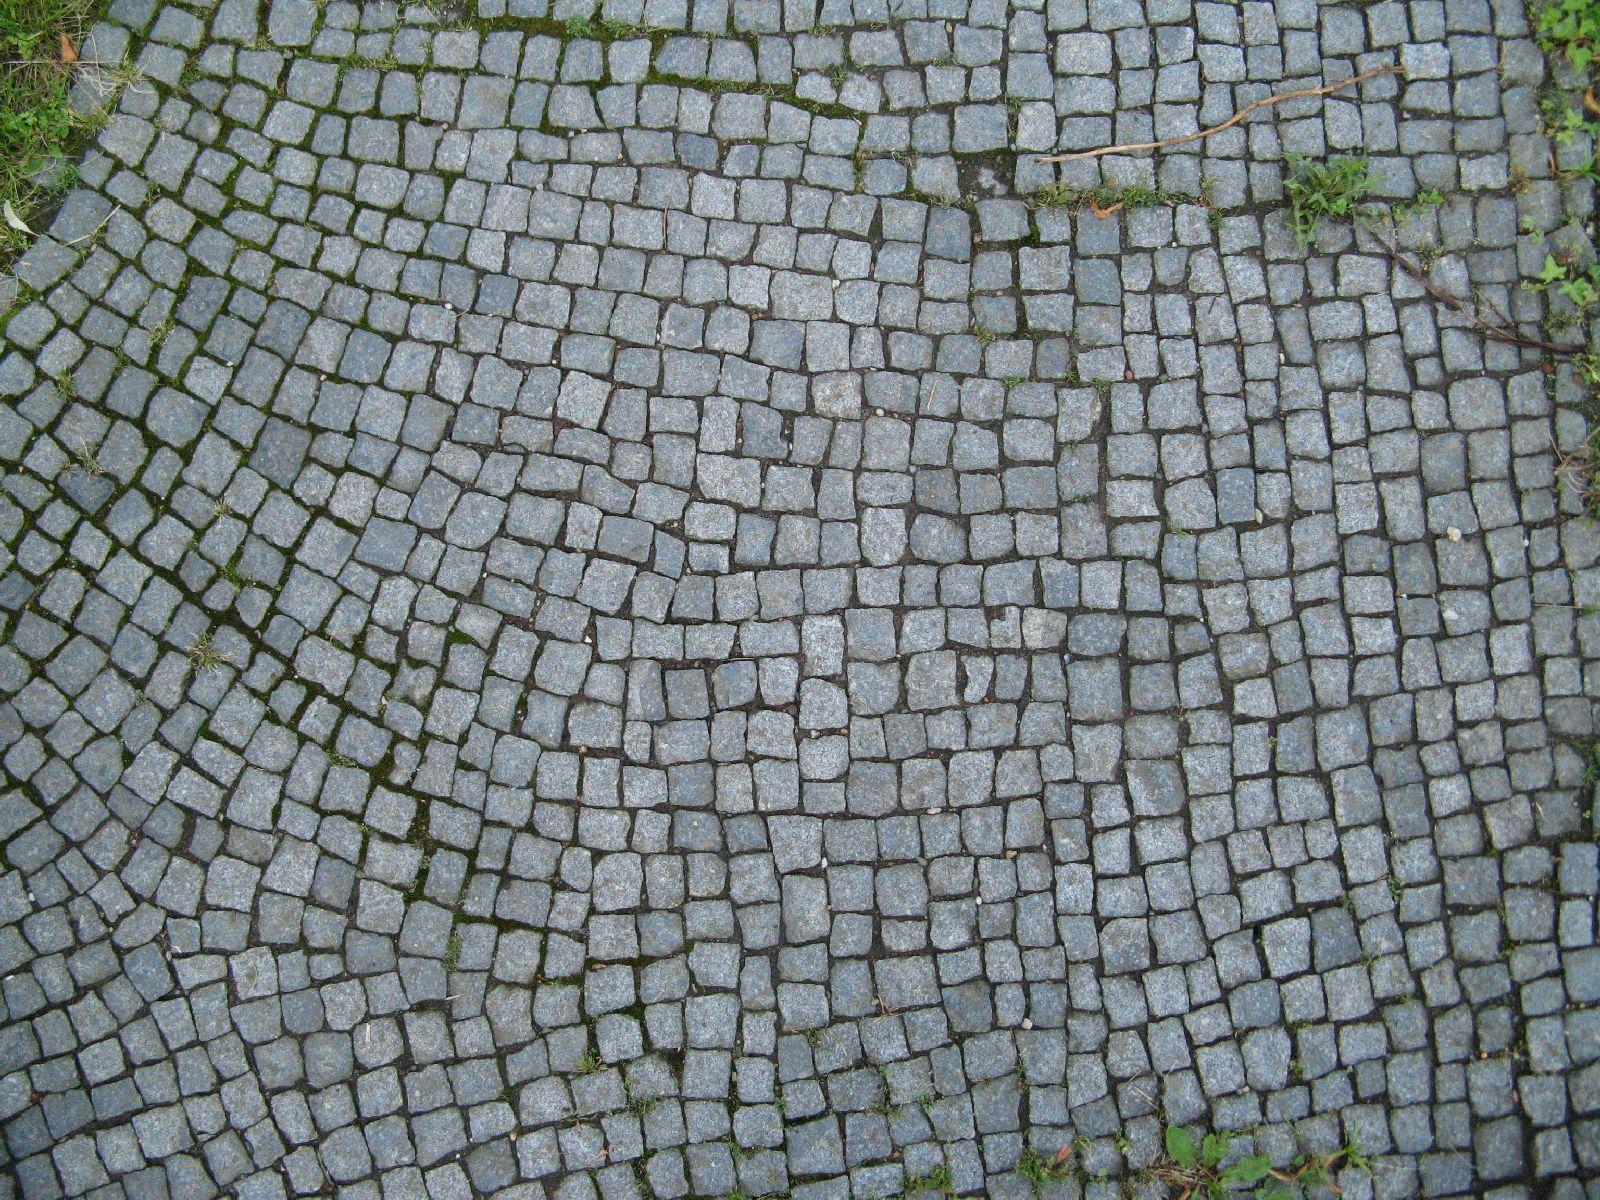 Ground-Urban_Texture_B_1061